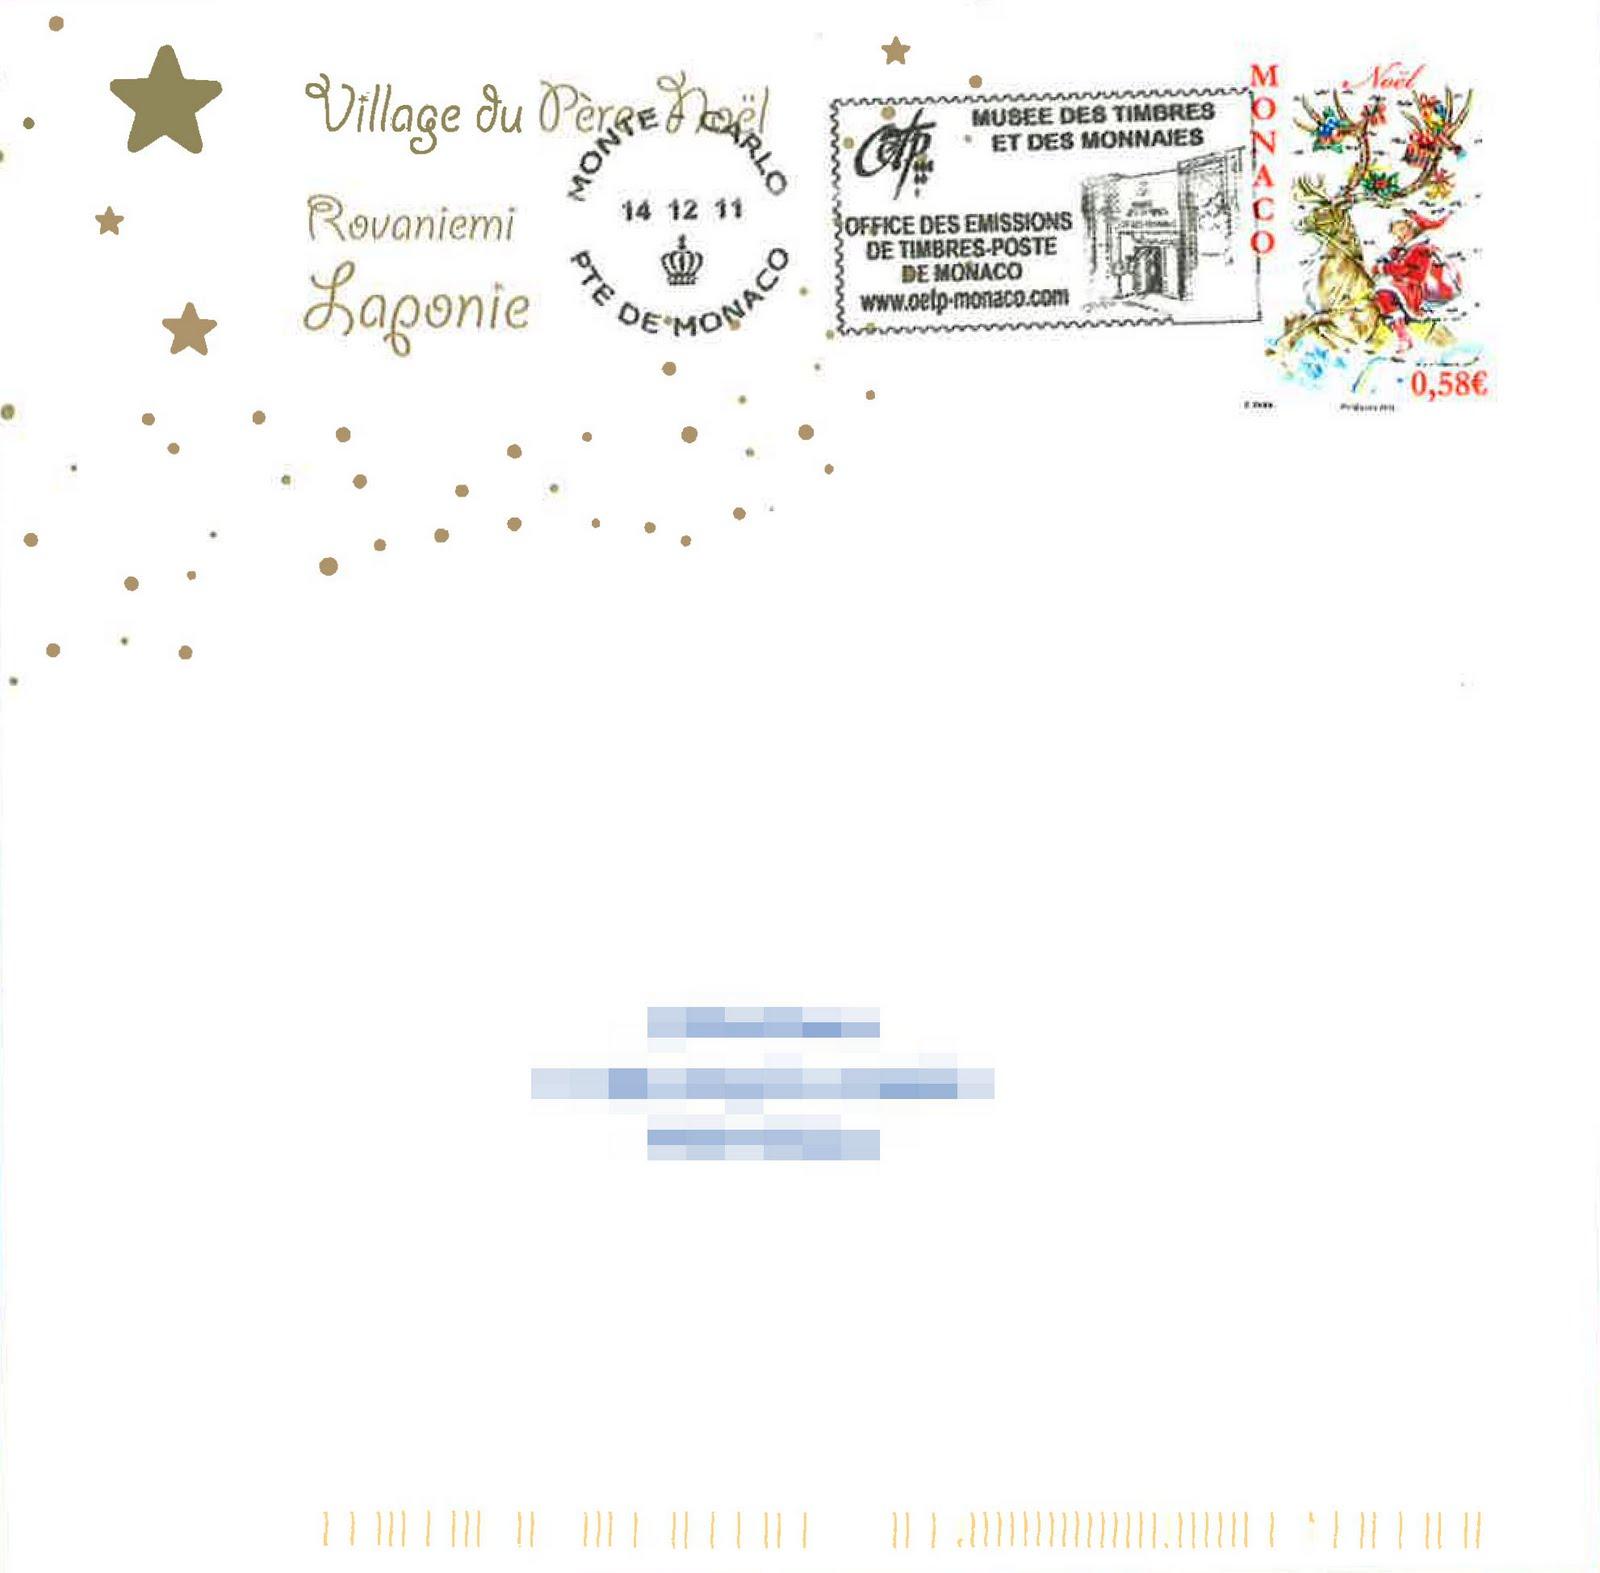 Faut Il Un Timbre Pour La Lettre Au Pere Noel.Blog Philatelie Le Pere Noel Repond Aussi A Monaco